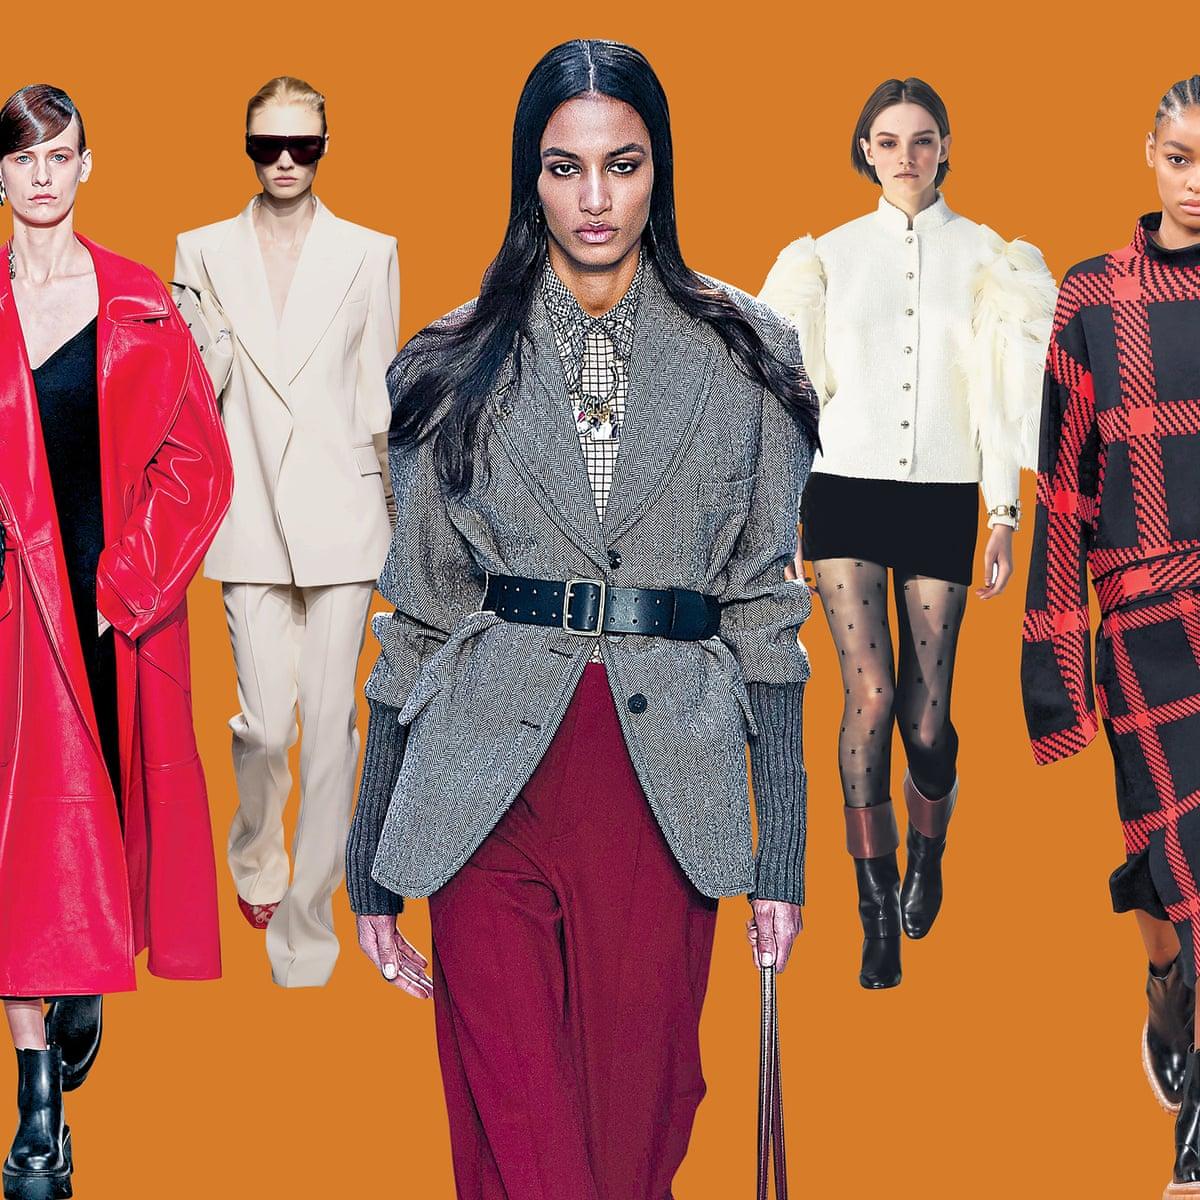 How To Dress Like A Parisian Big Coats Monochrome And A Splash Of Crimson Fashion The Guardian